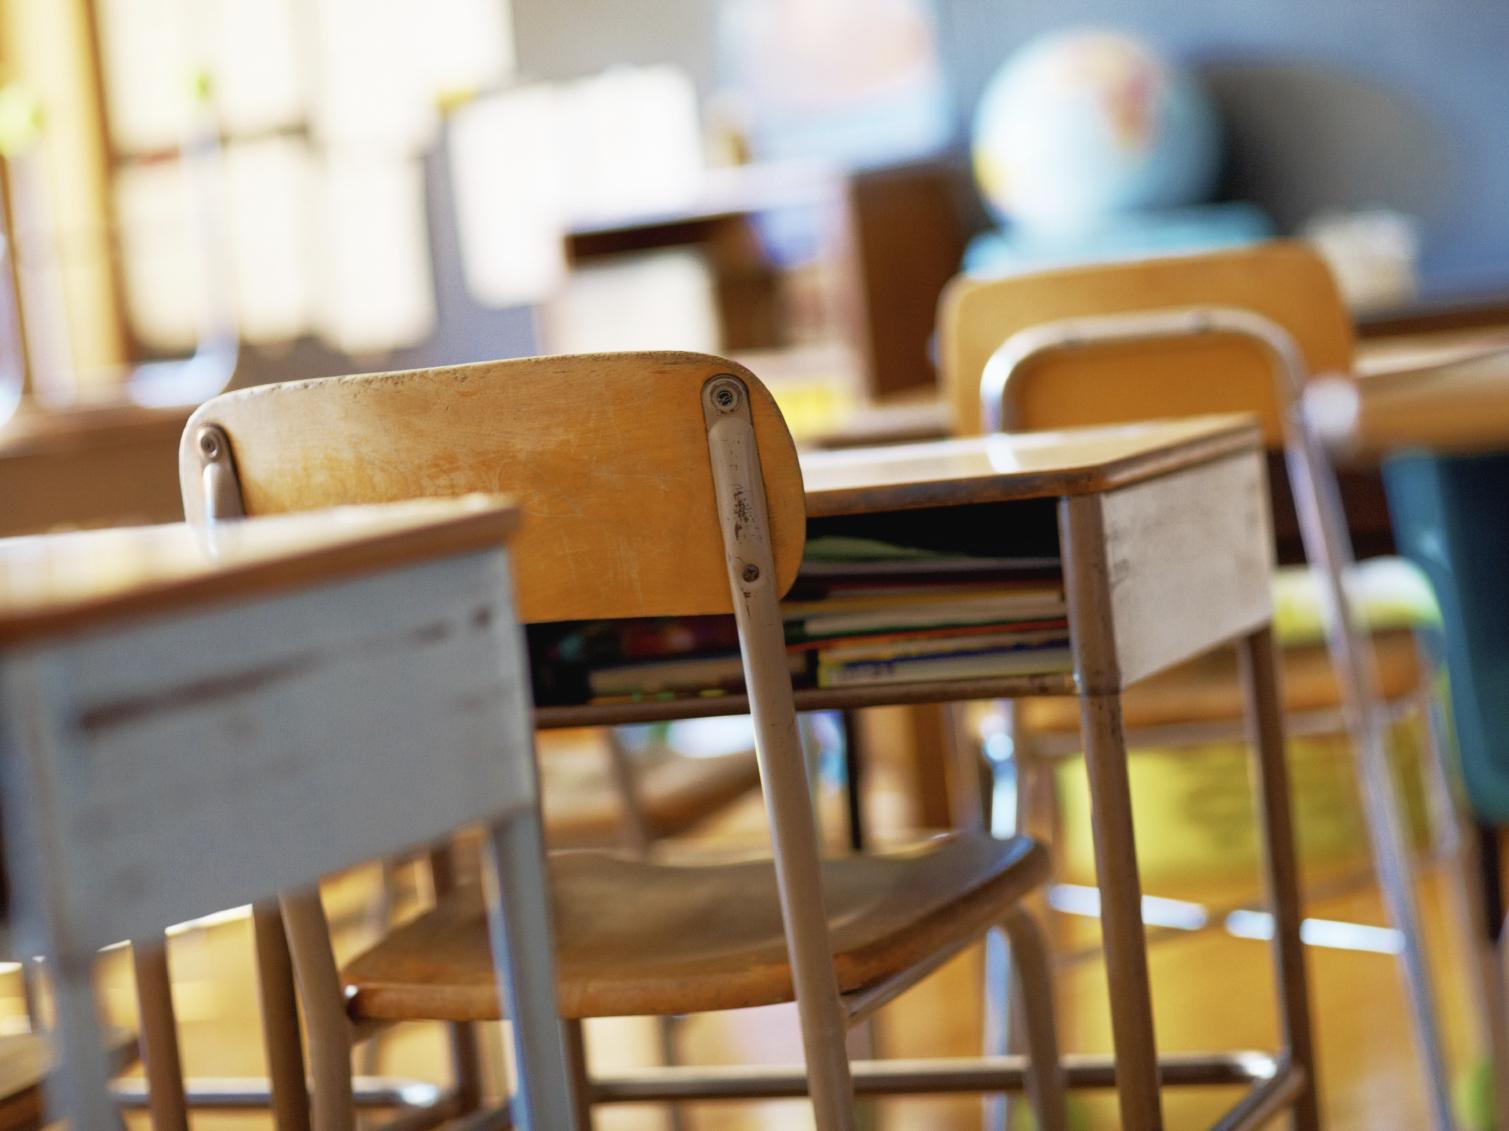 Scuola inagibile, alunni sfrattati